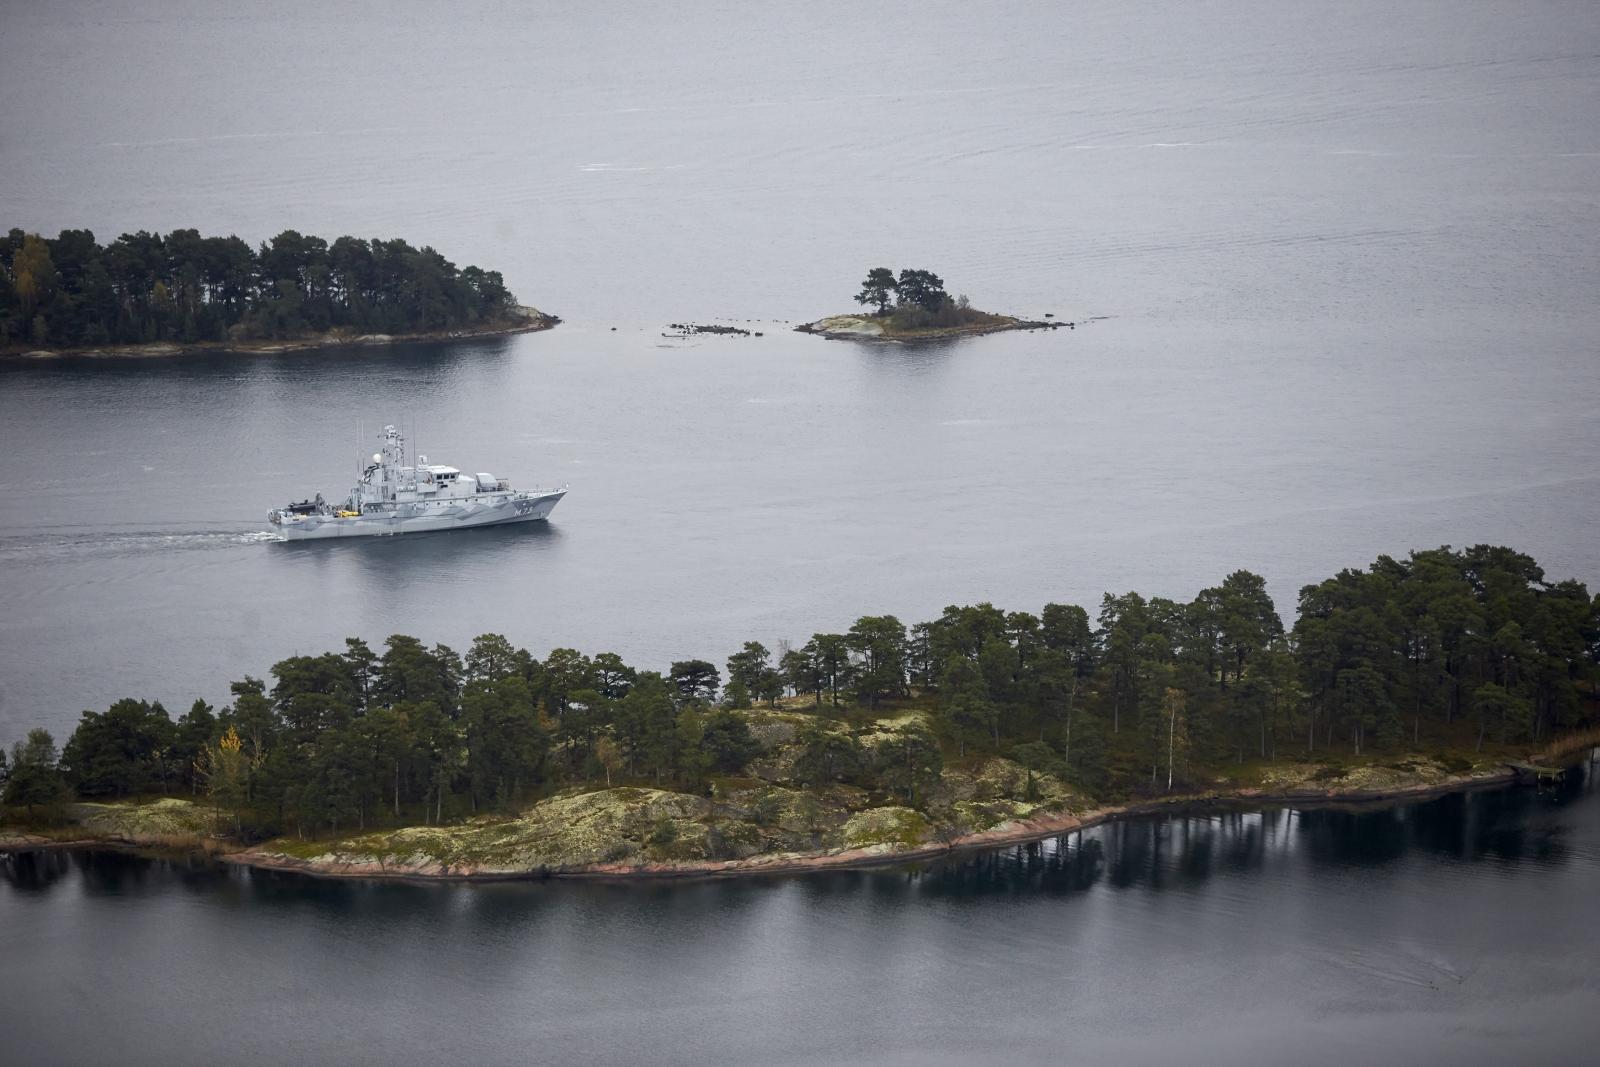 HMS Koster